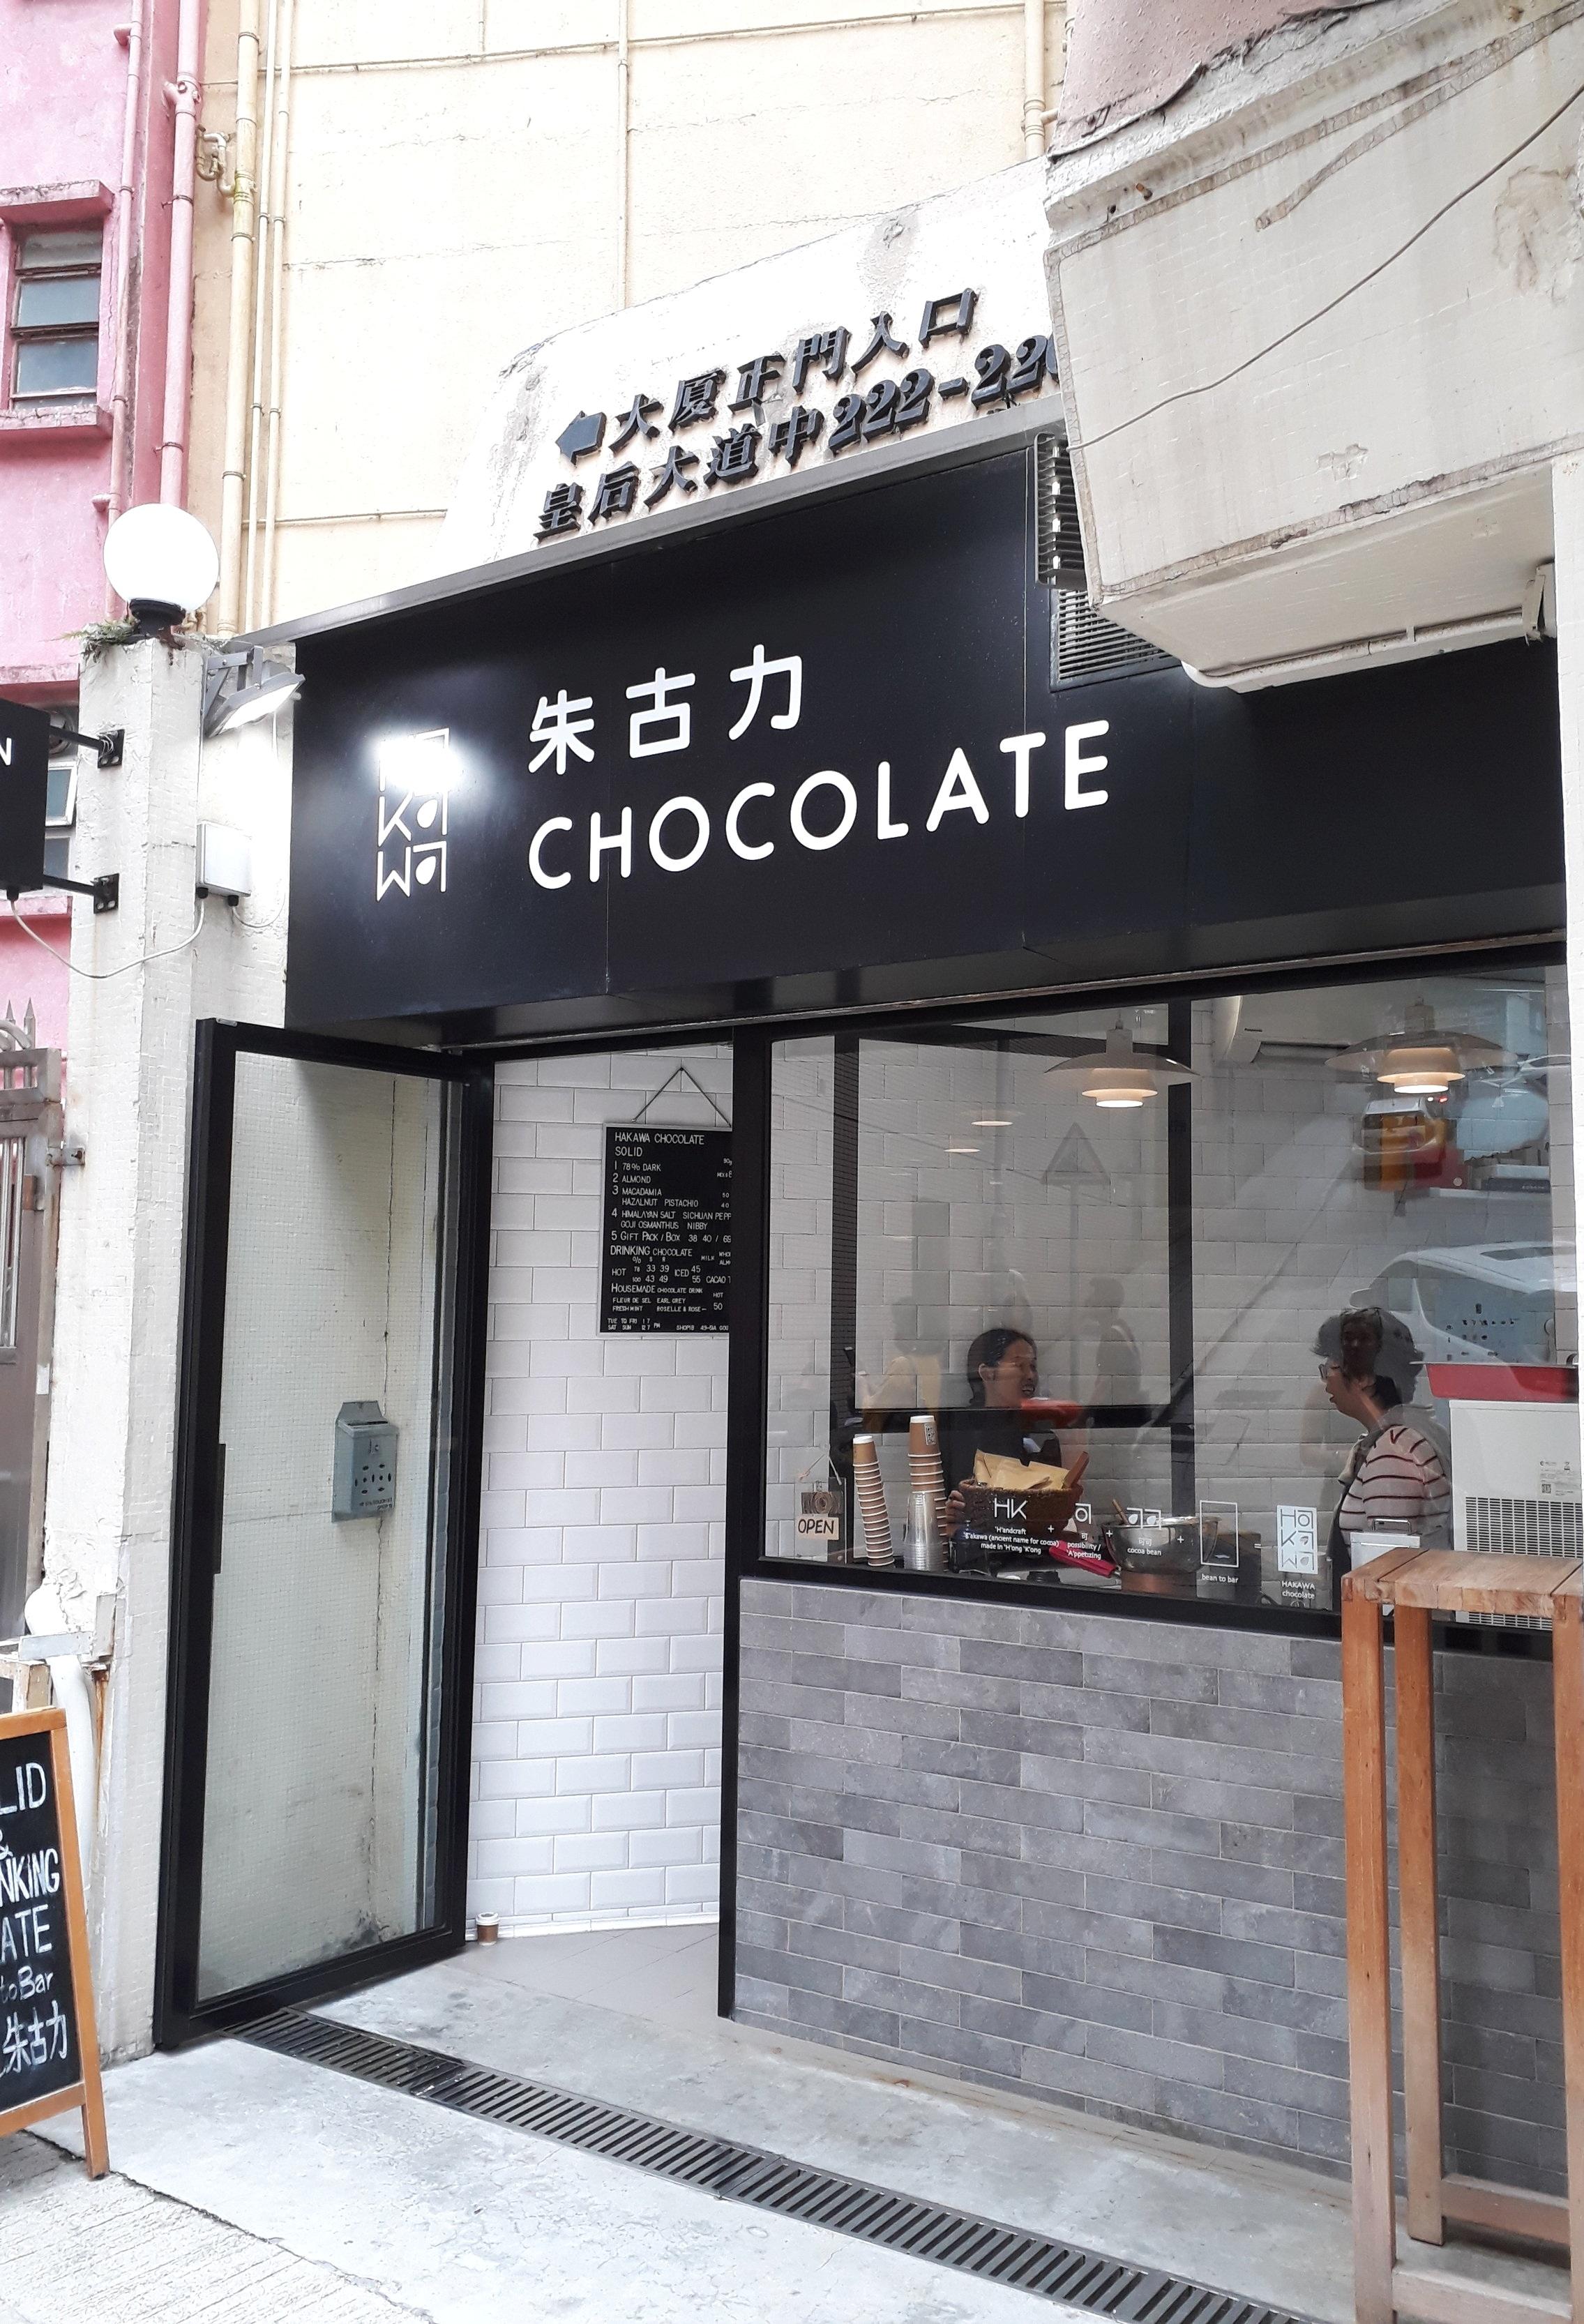 hakawa-chocolate-hong-kong